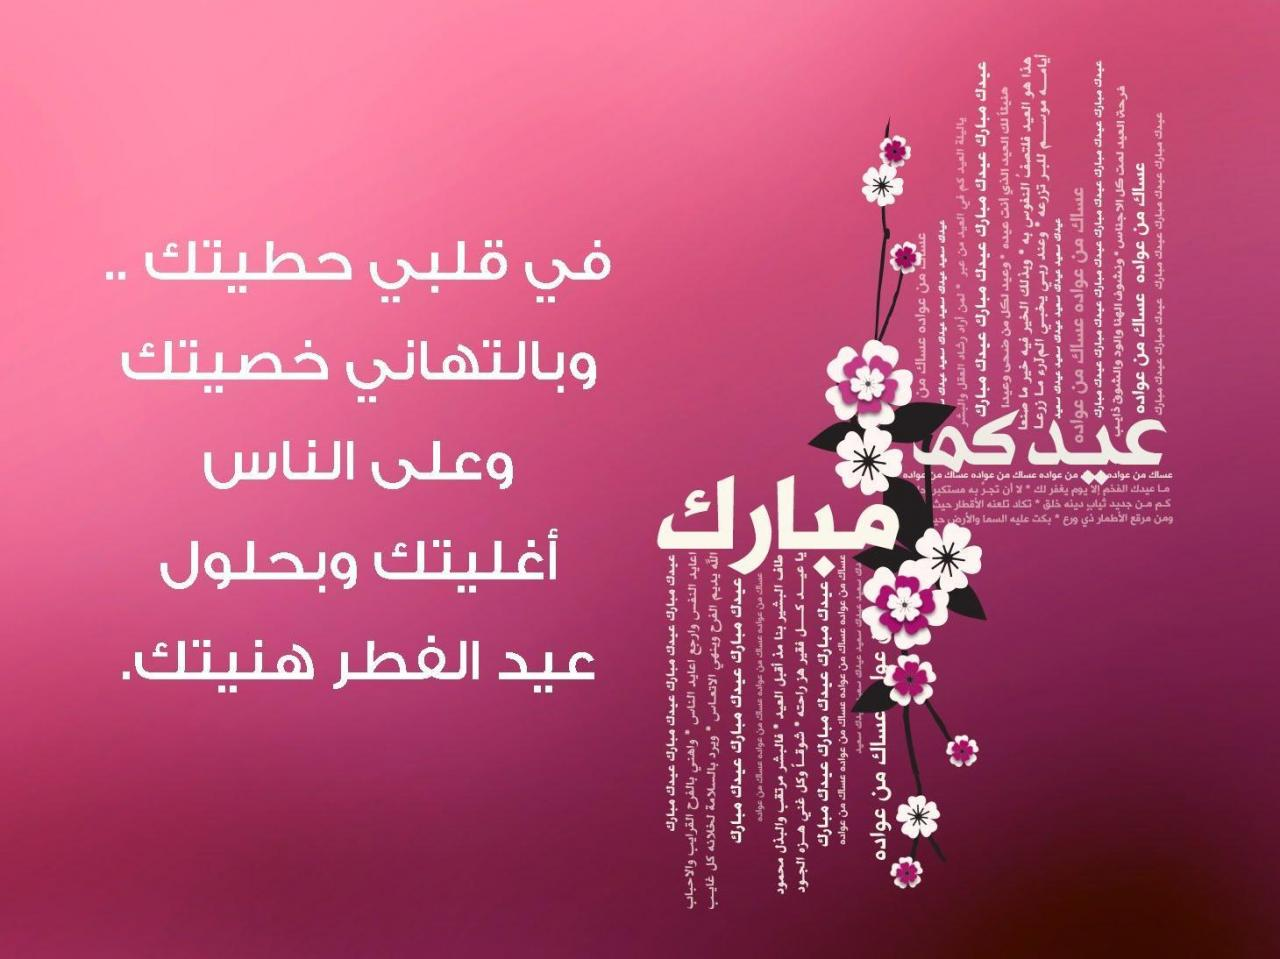 صورة كلمات لعيد الفطر ، عبارات التهنئة بقدومه